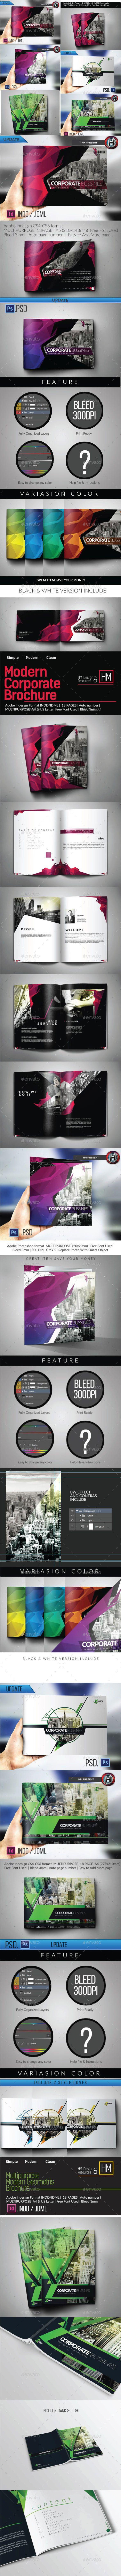 5 Brochure Bundle Potrait & Lanscape